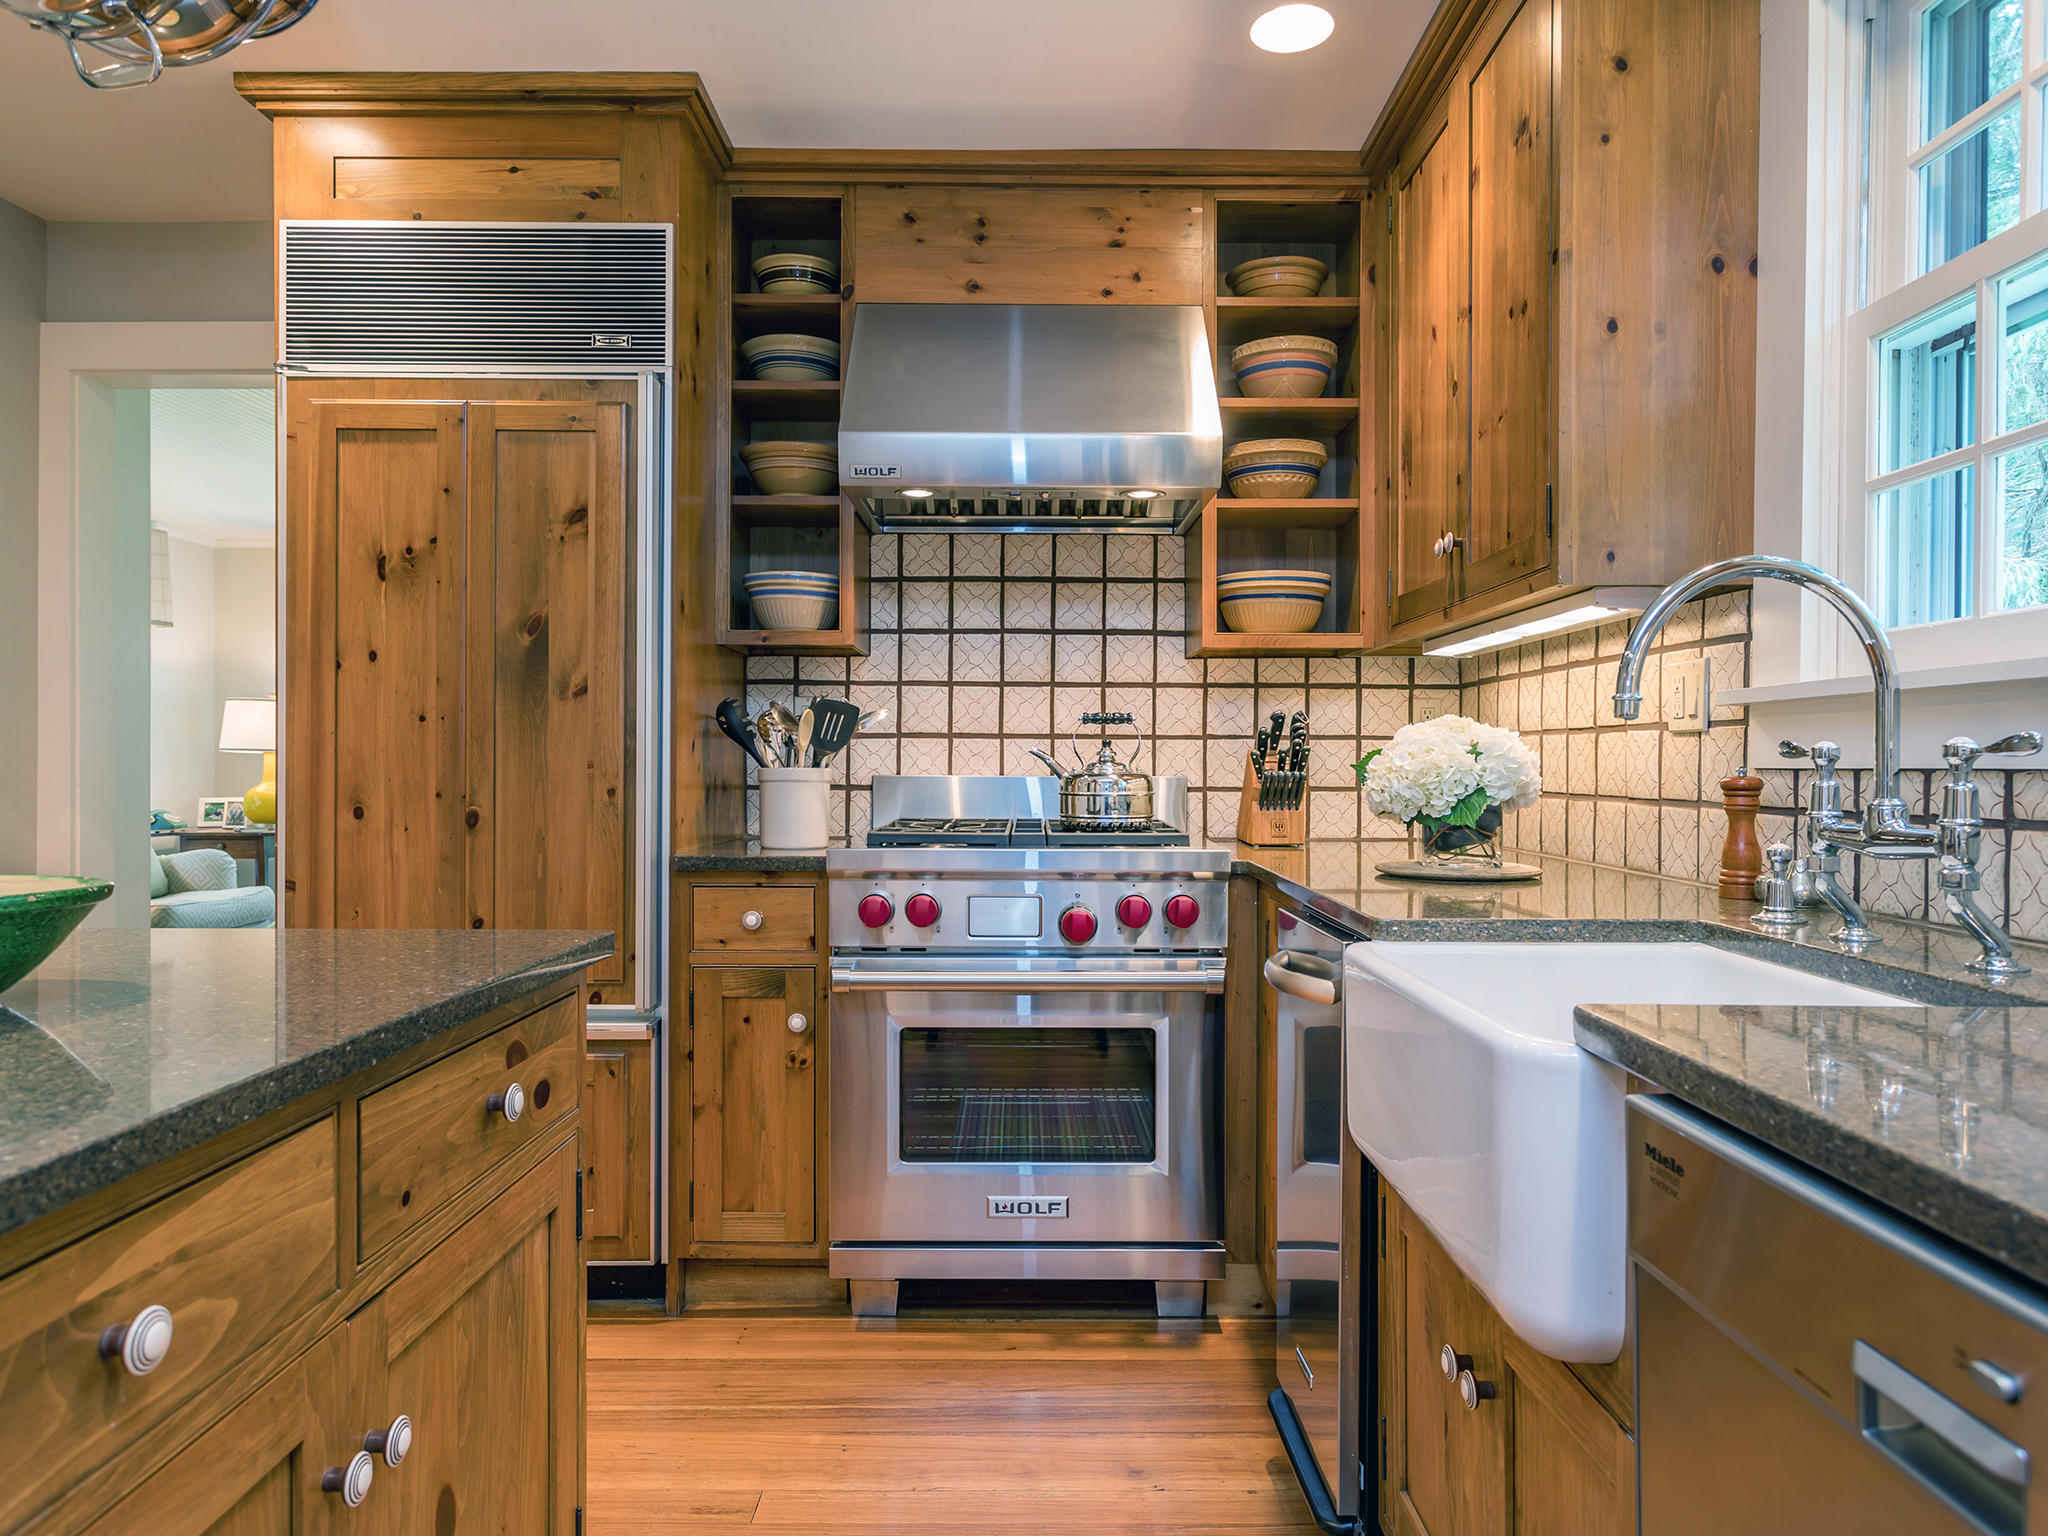 kitchen3_sm.jpg